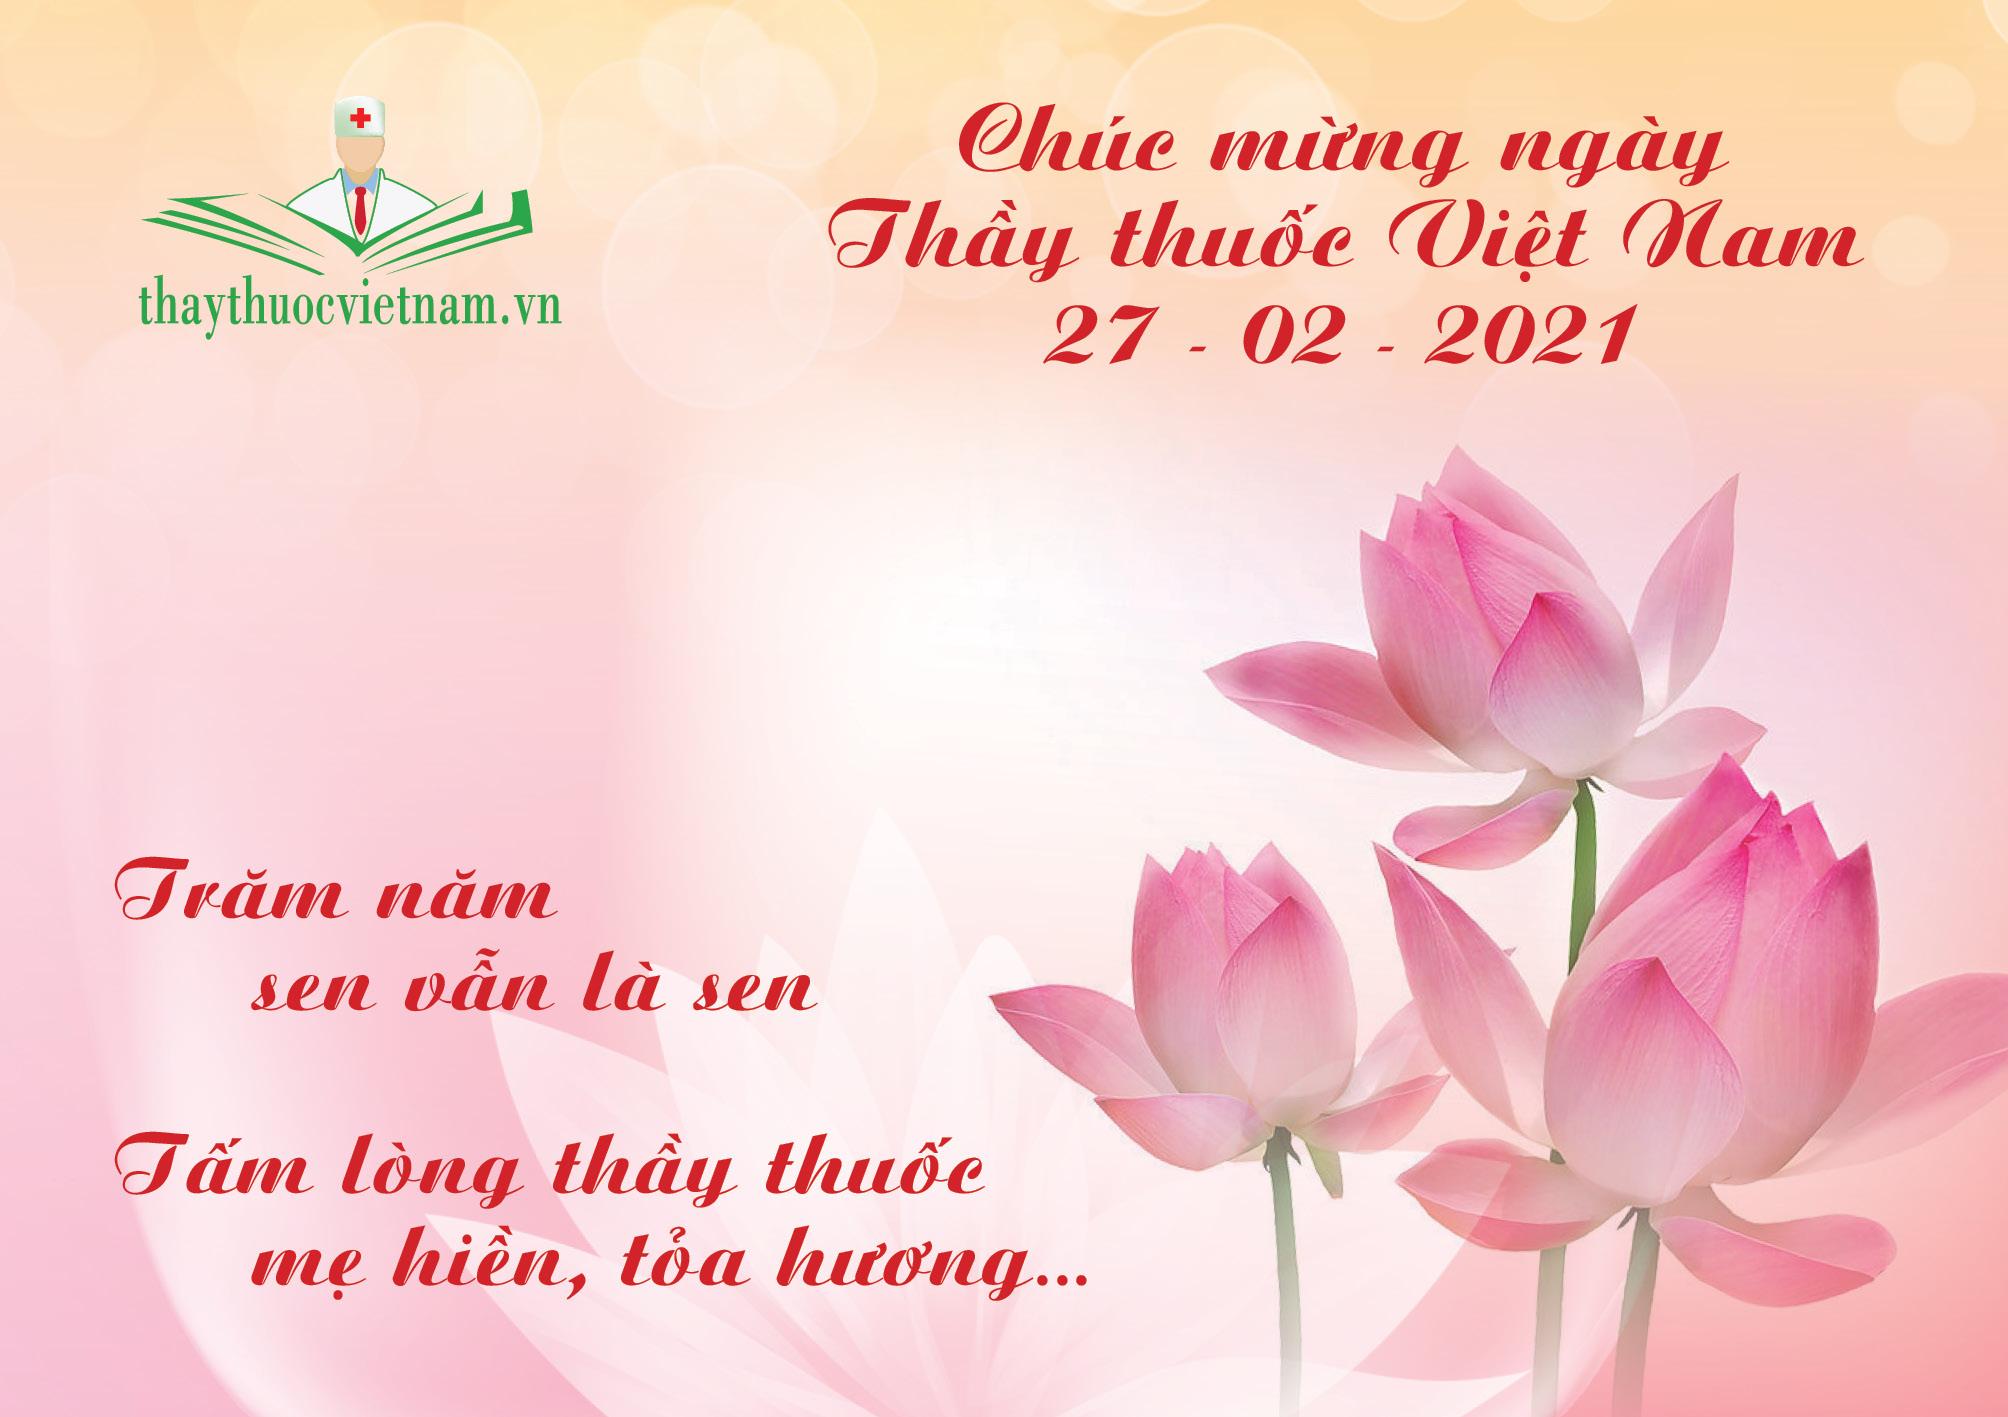 Chúc mừng ngày Thầy thuốc Việt Nam